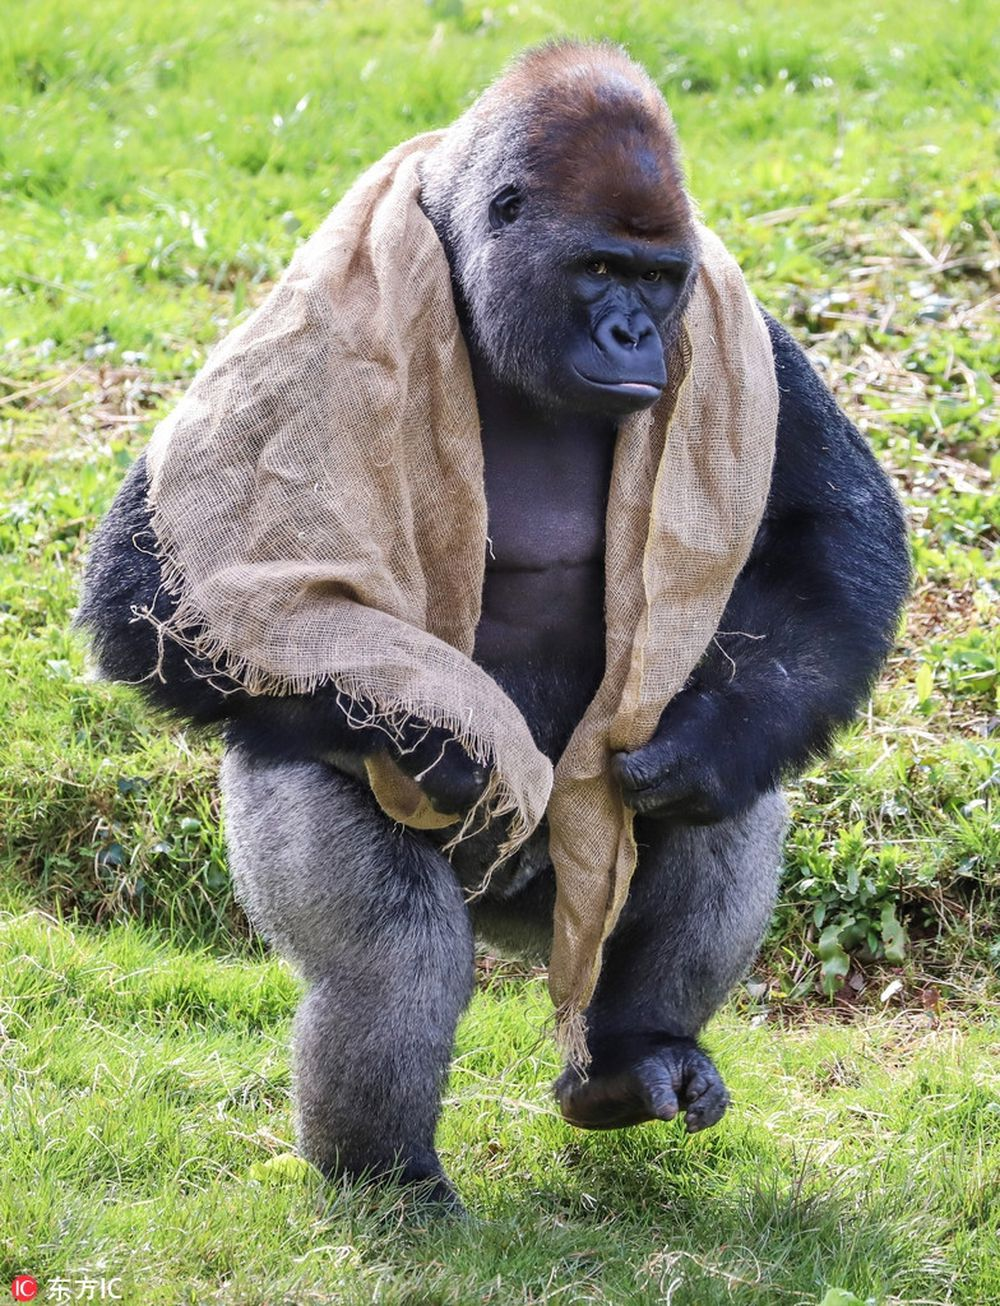 Các nhân viên trong sở thú thì cho biết, N\u0027Dowe là một con khỉ đột khổng lồ có vẻ ngoài trông khá ngầu, đáng sợ, nhưng sự thực, N\u0027Dowe là một ...